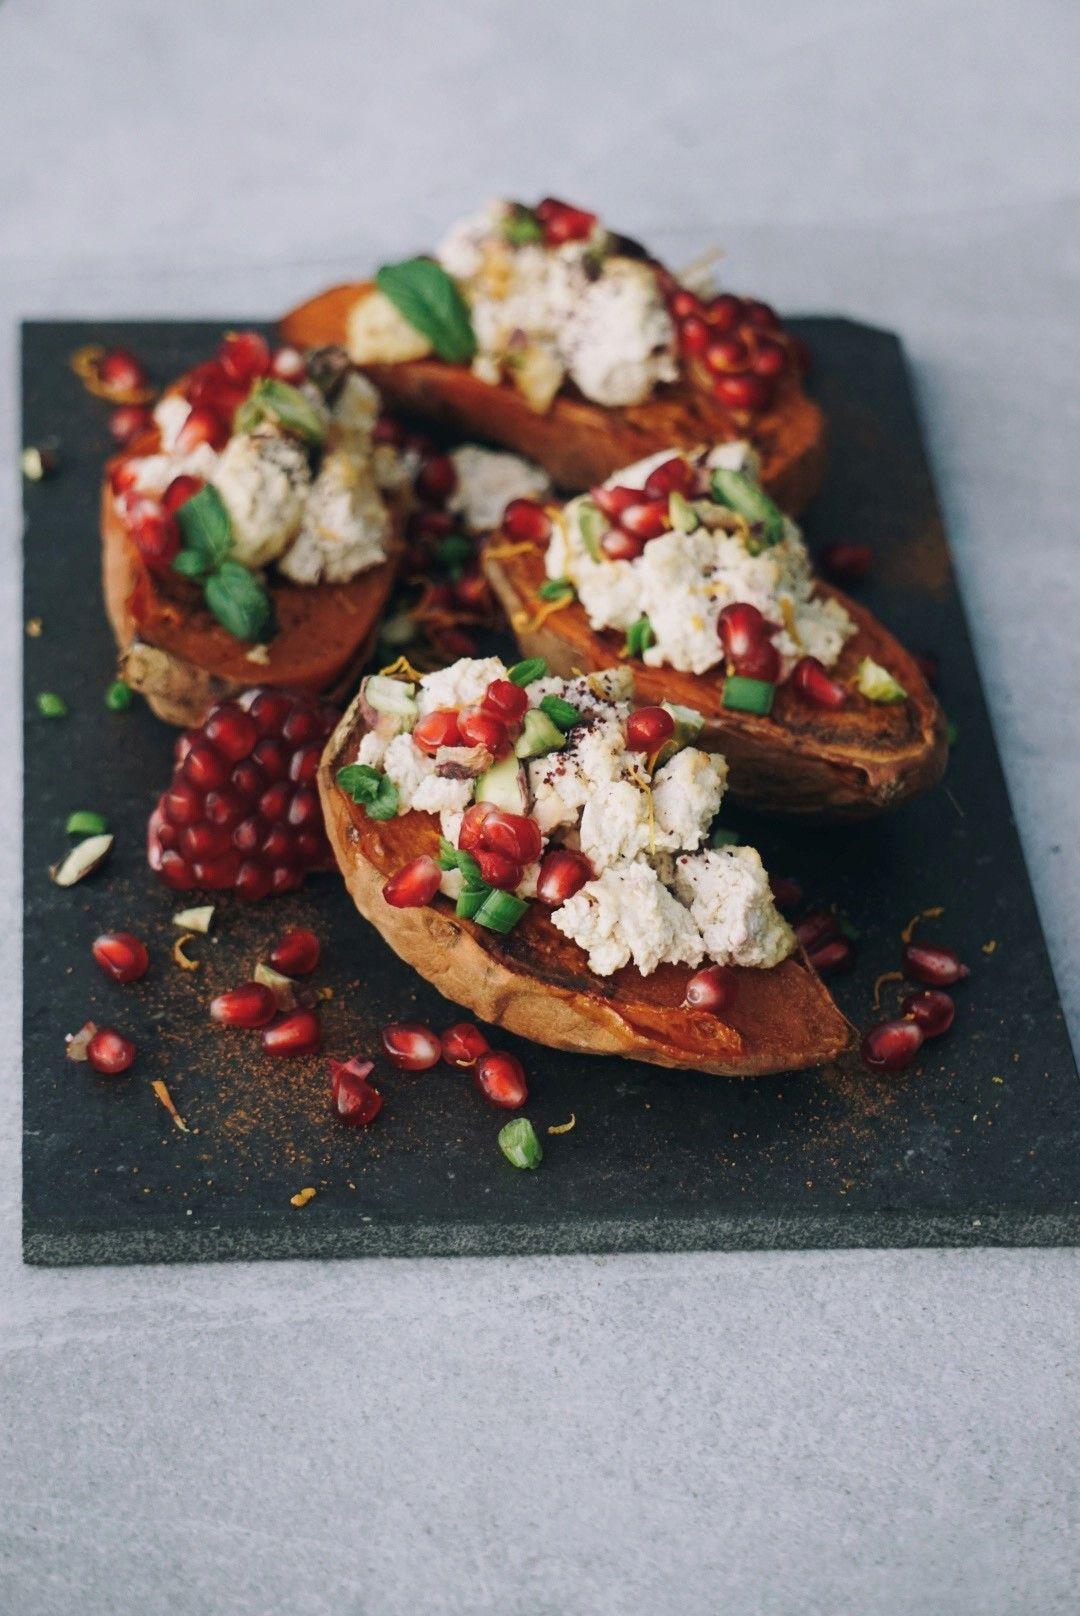 Sötpotatis med kanel vegankost, apelsin, granatäpple och pistagenötter, Recept på vegansk ost som topping på bakad sötpotatis